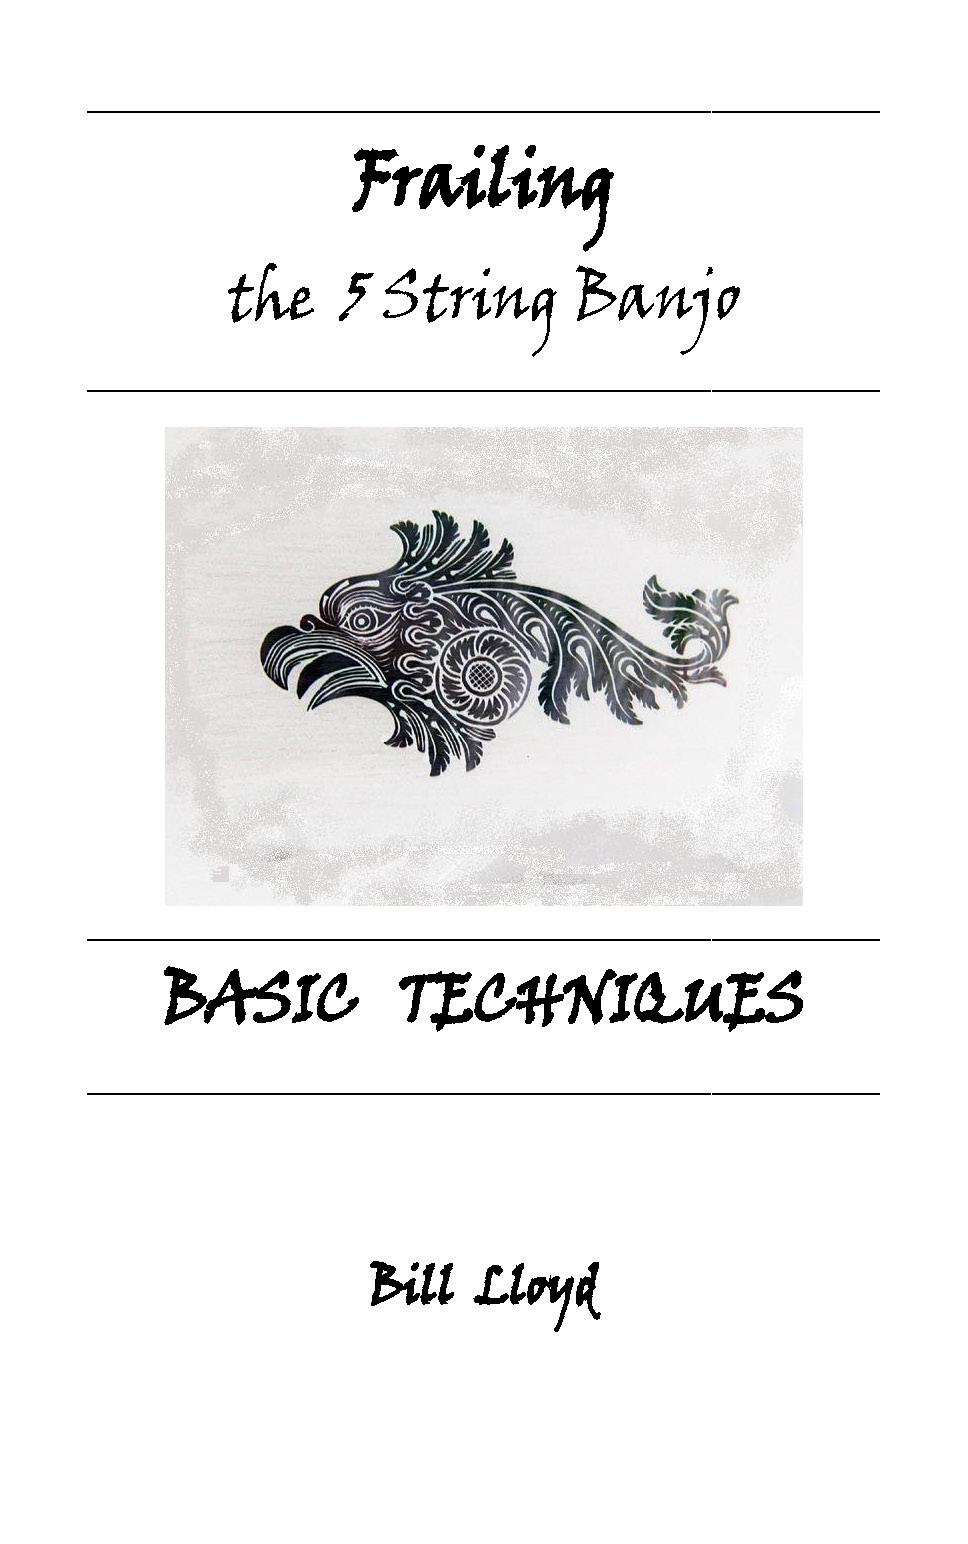 Frailing the 5 string banjo